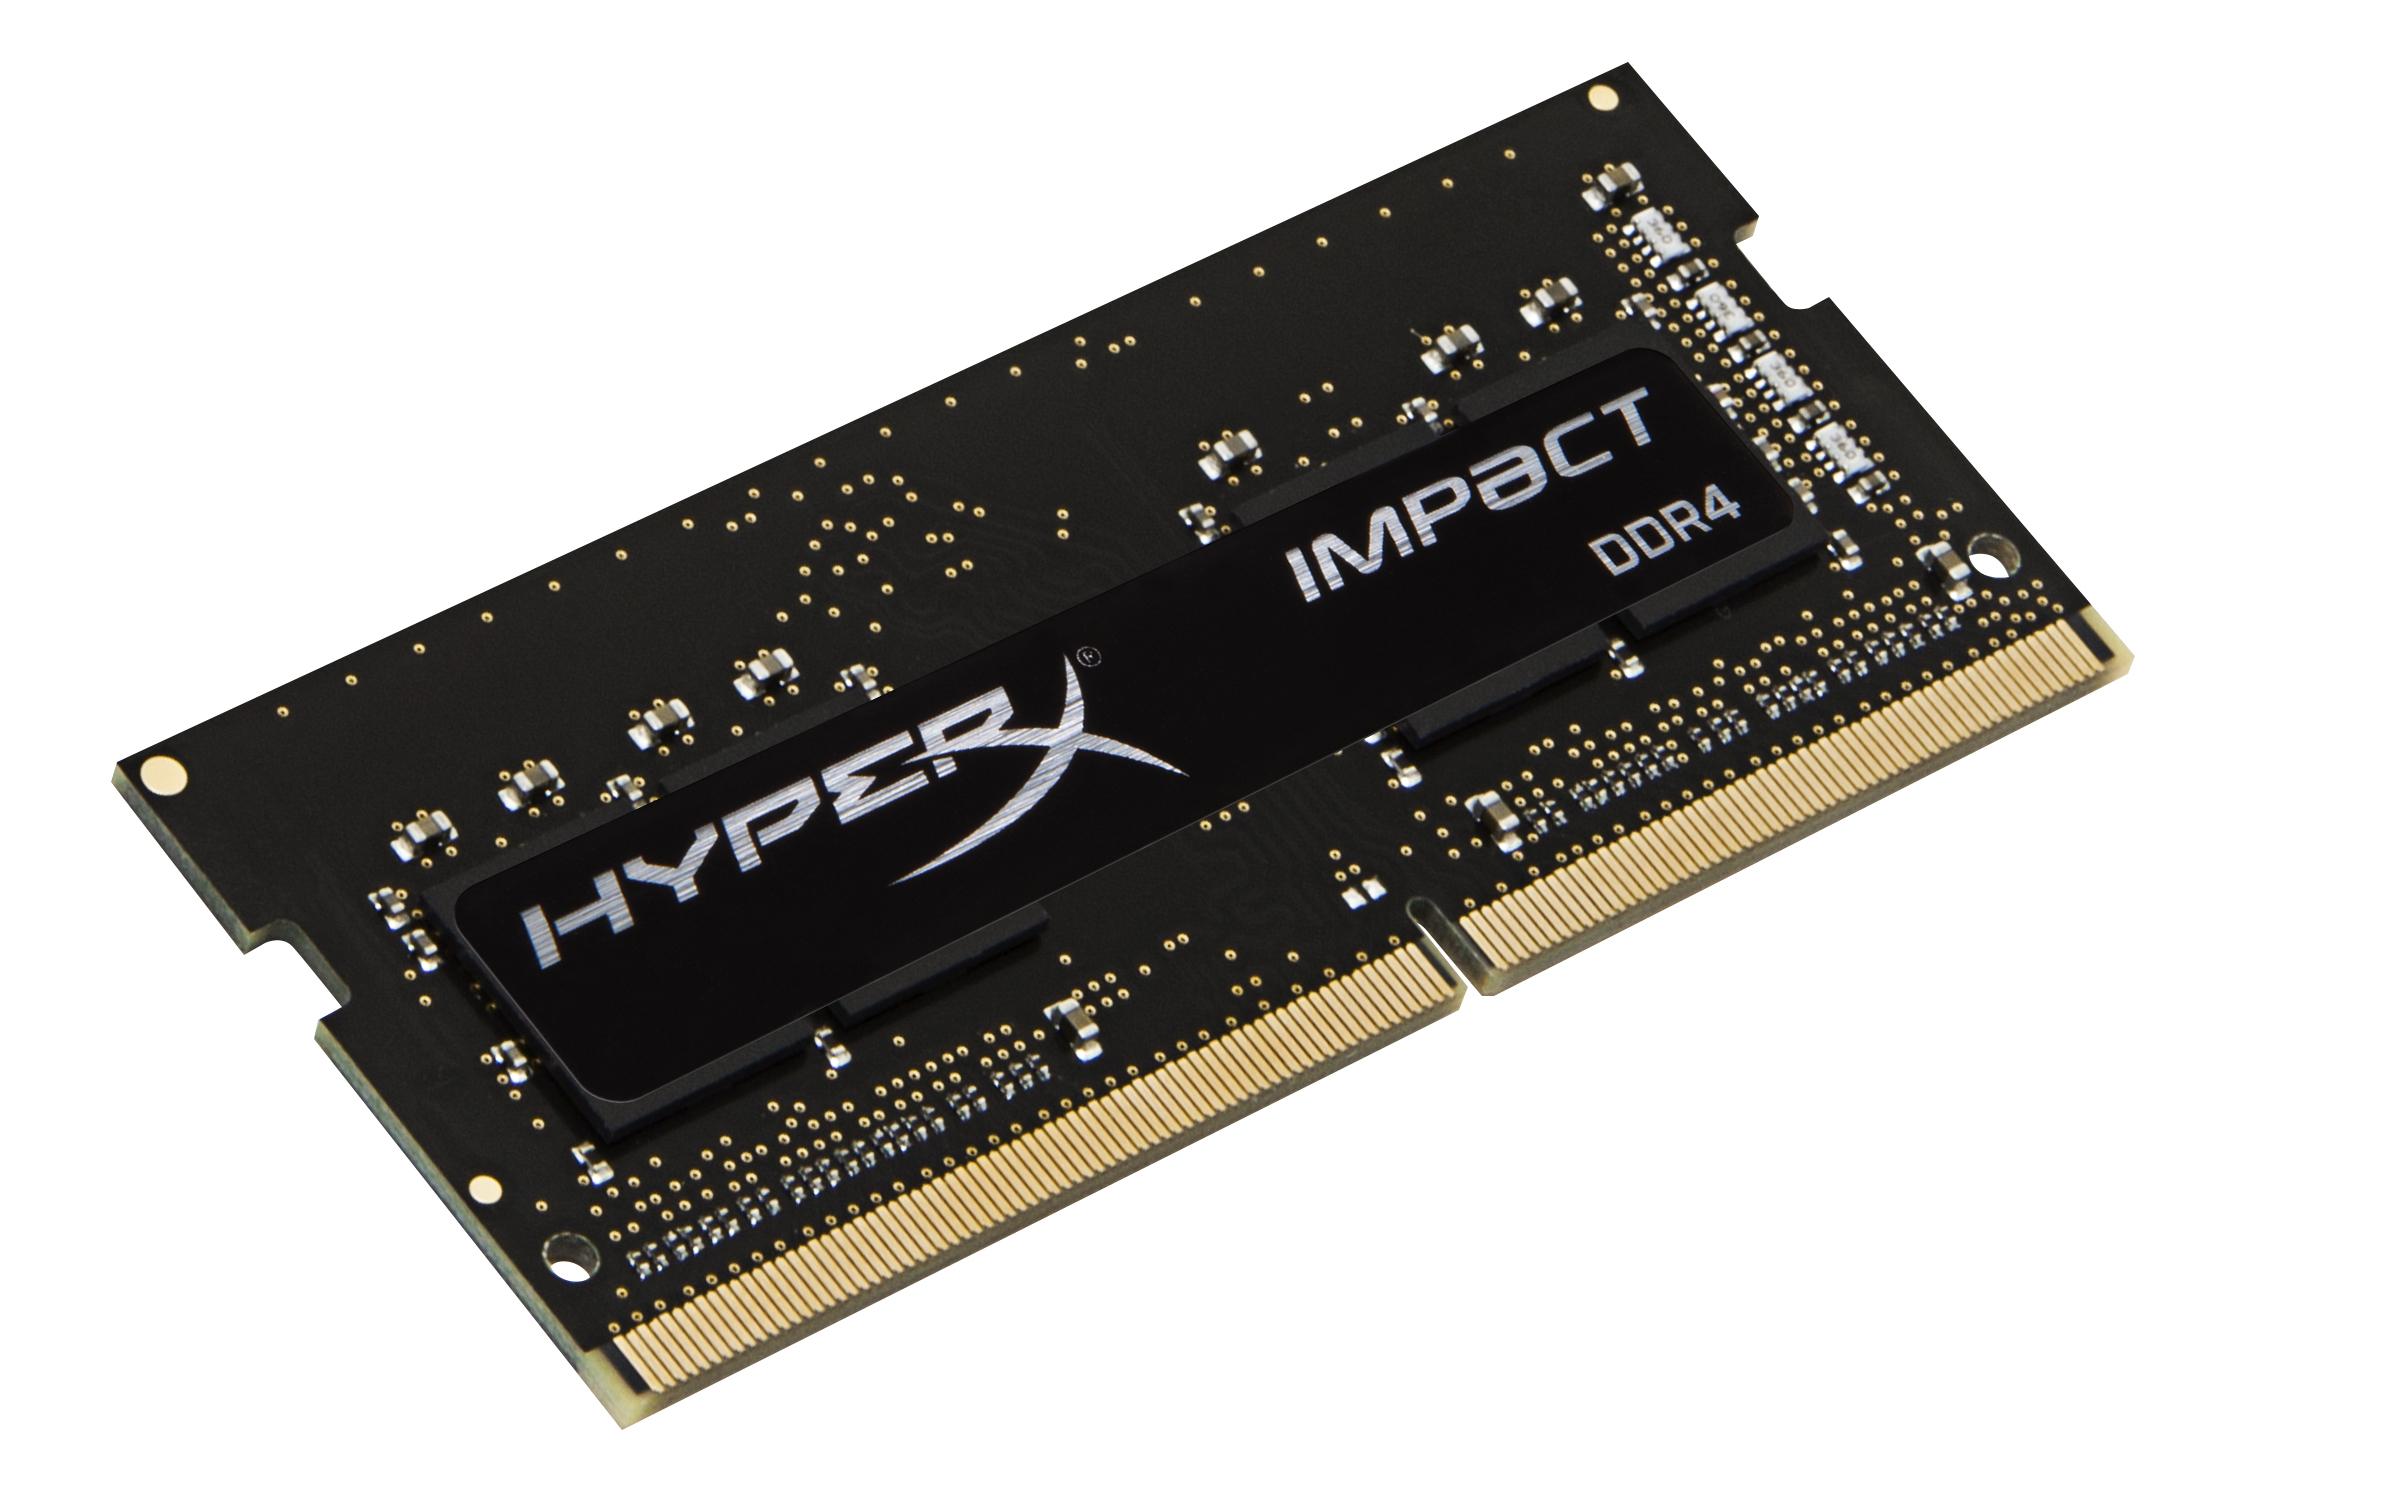 IMPACT 8GB DDR4 2400MHZ 8GB DDR4 2400MHZ MóDULO DE MEMORIA